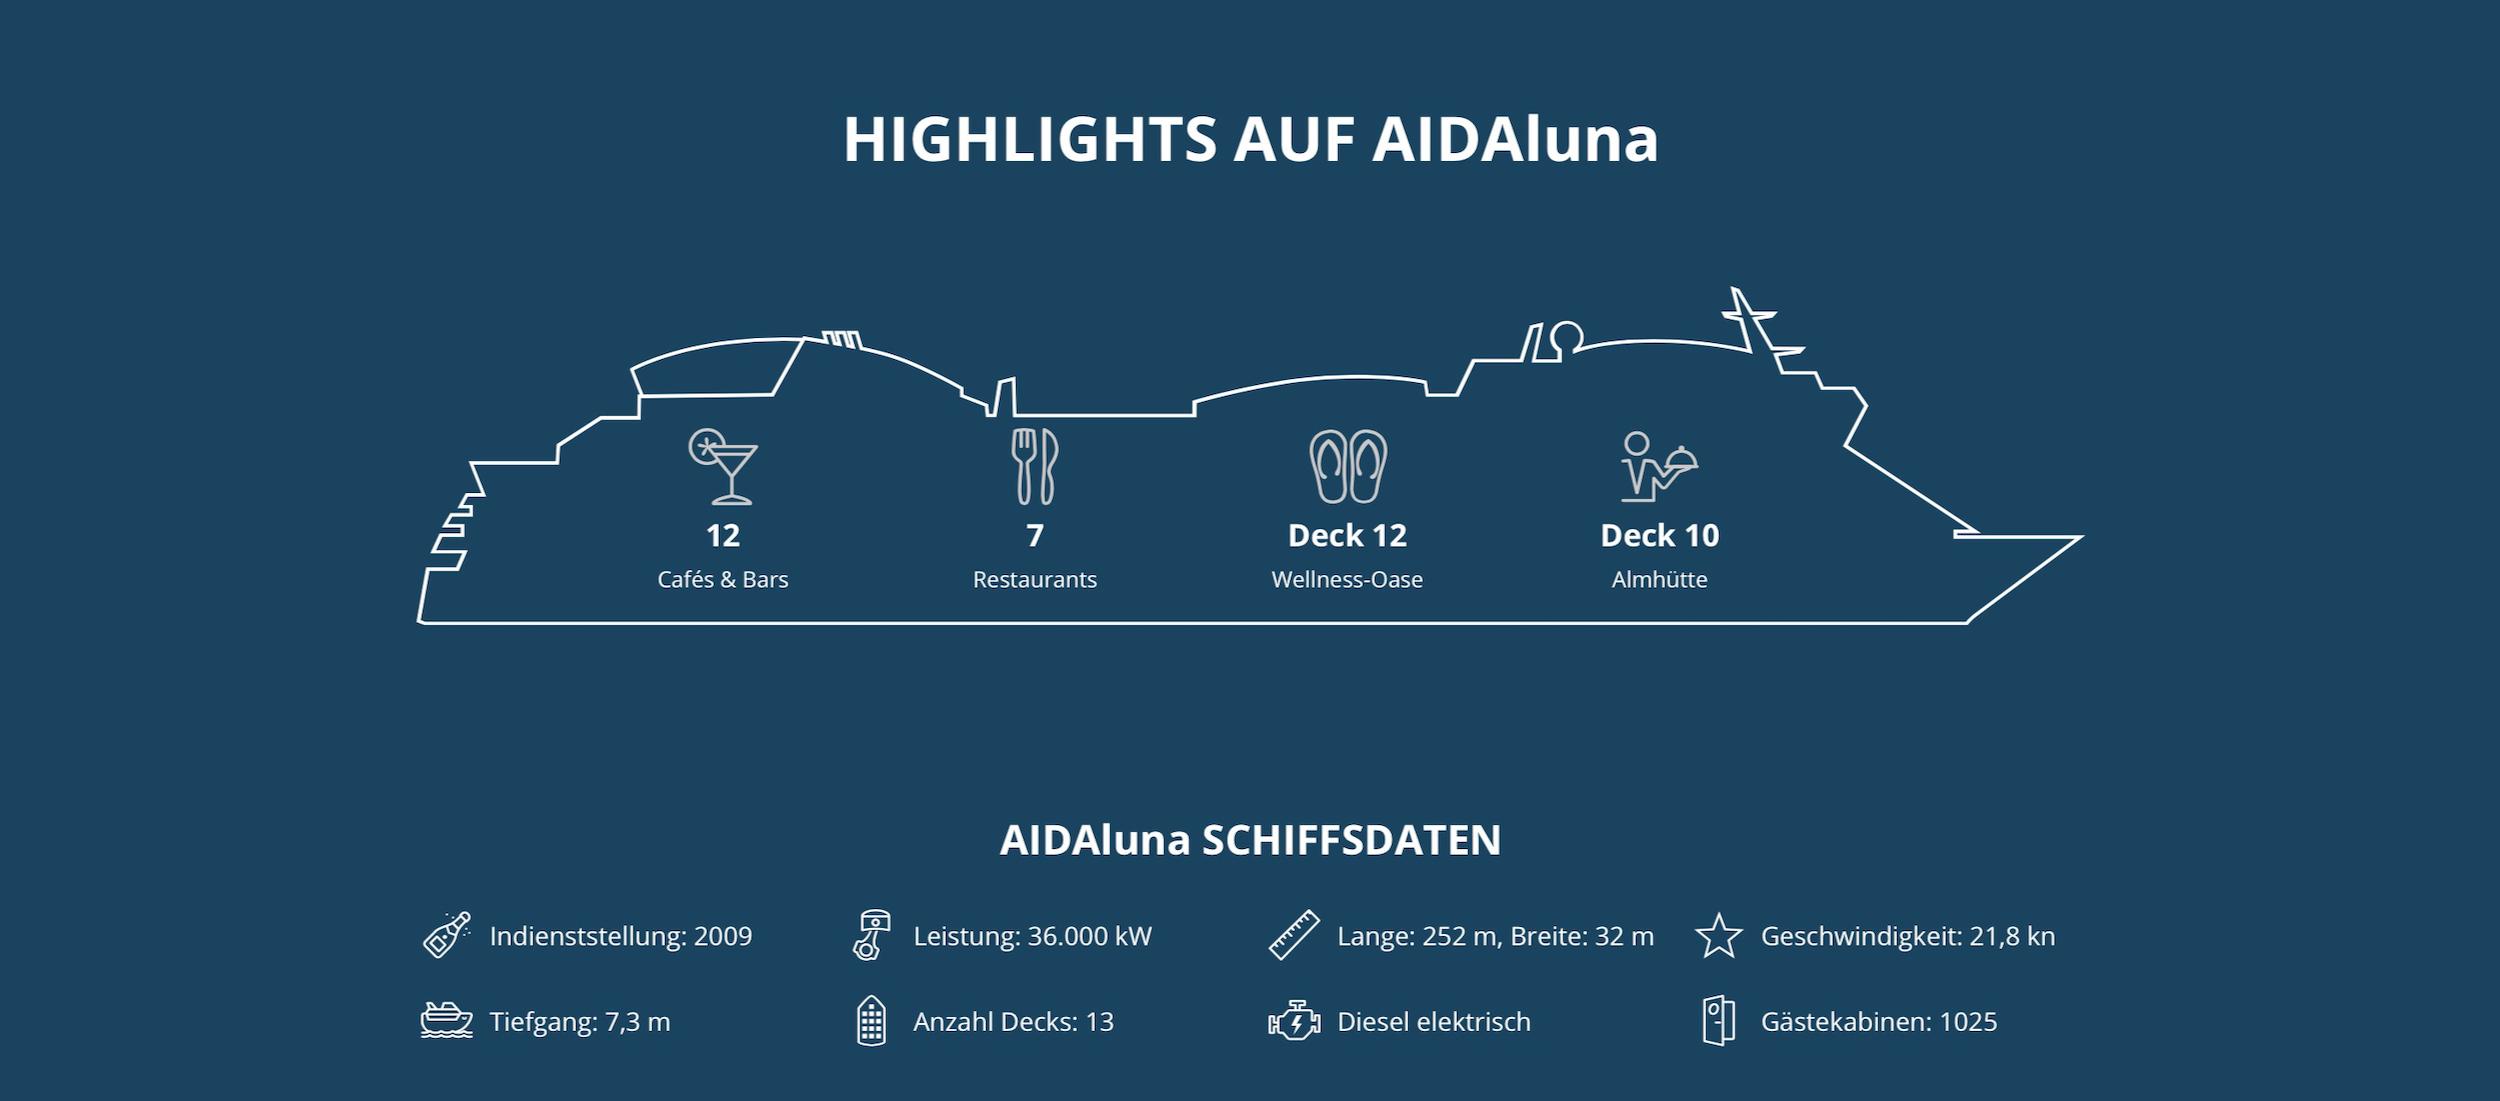 aida-cruises-ships-aidaluna-daten